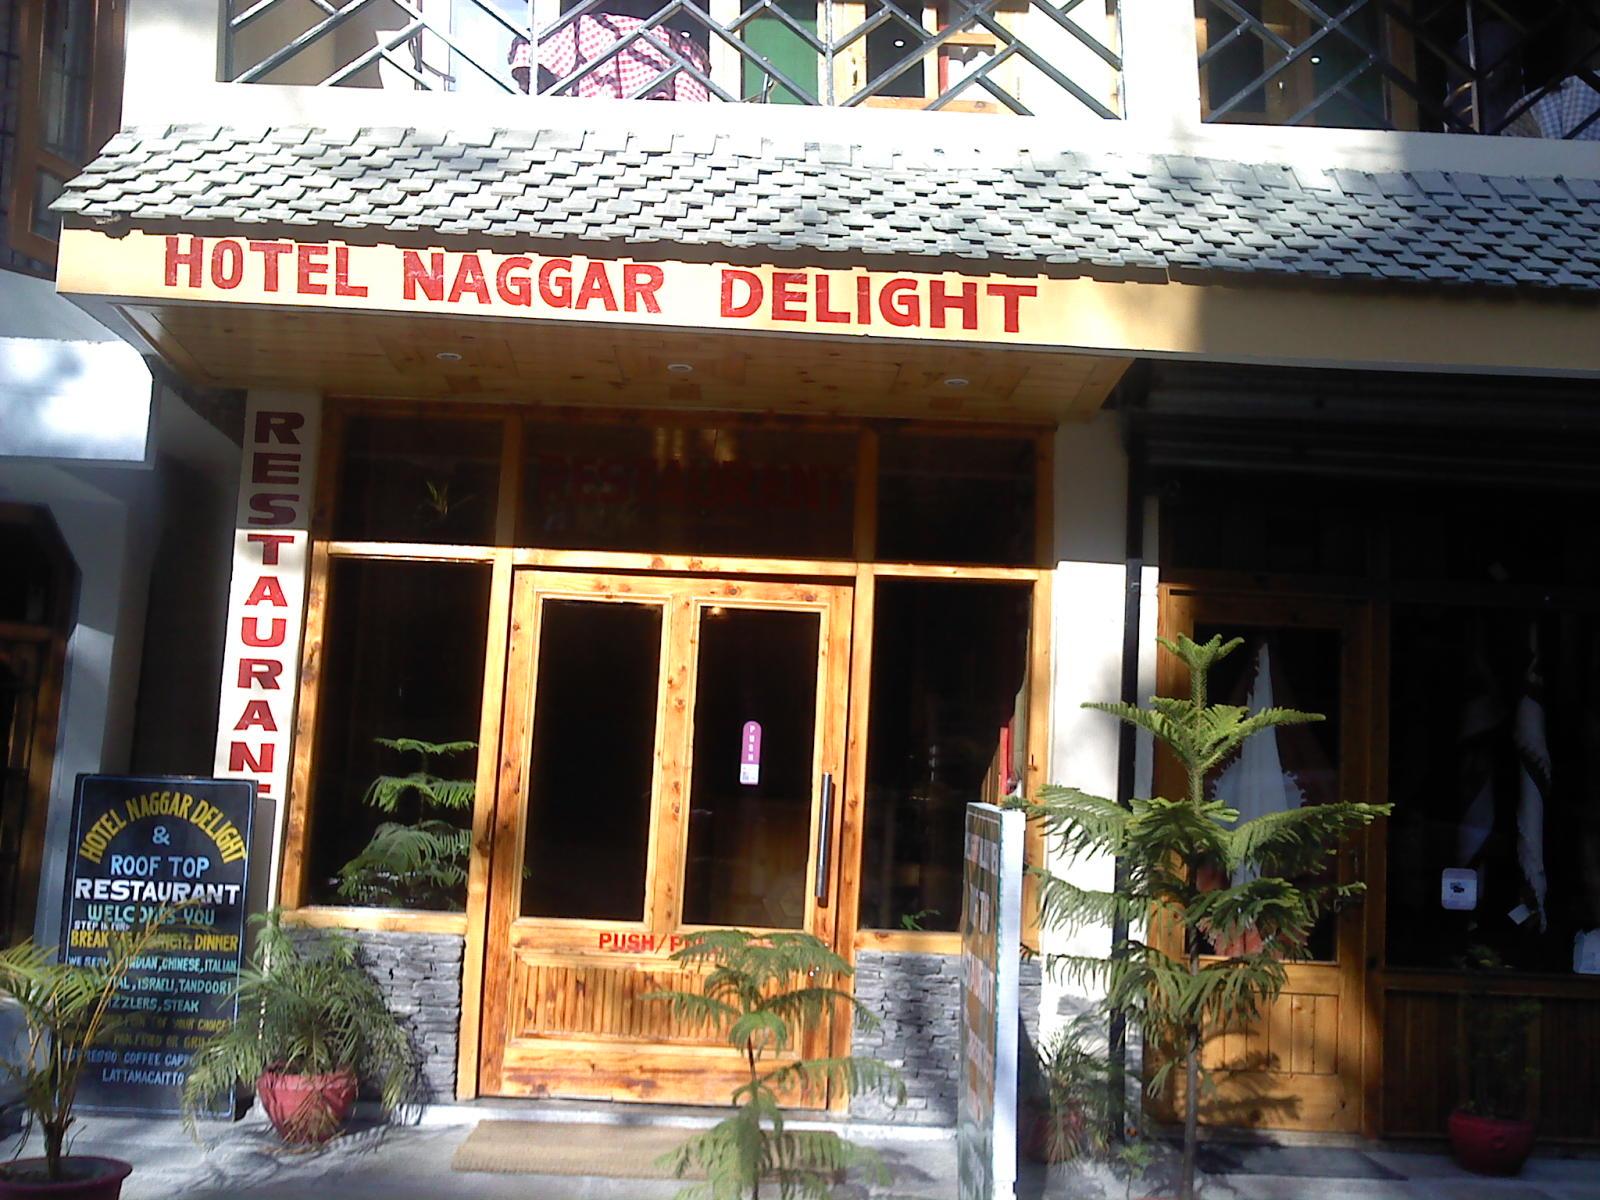 Hotel Naggar Delight